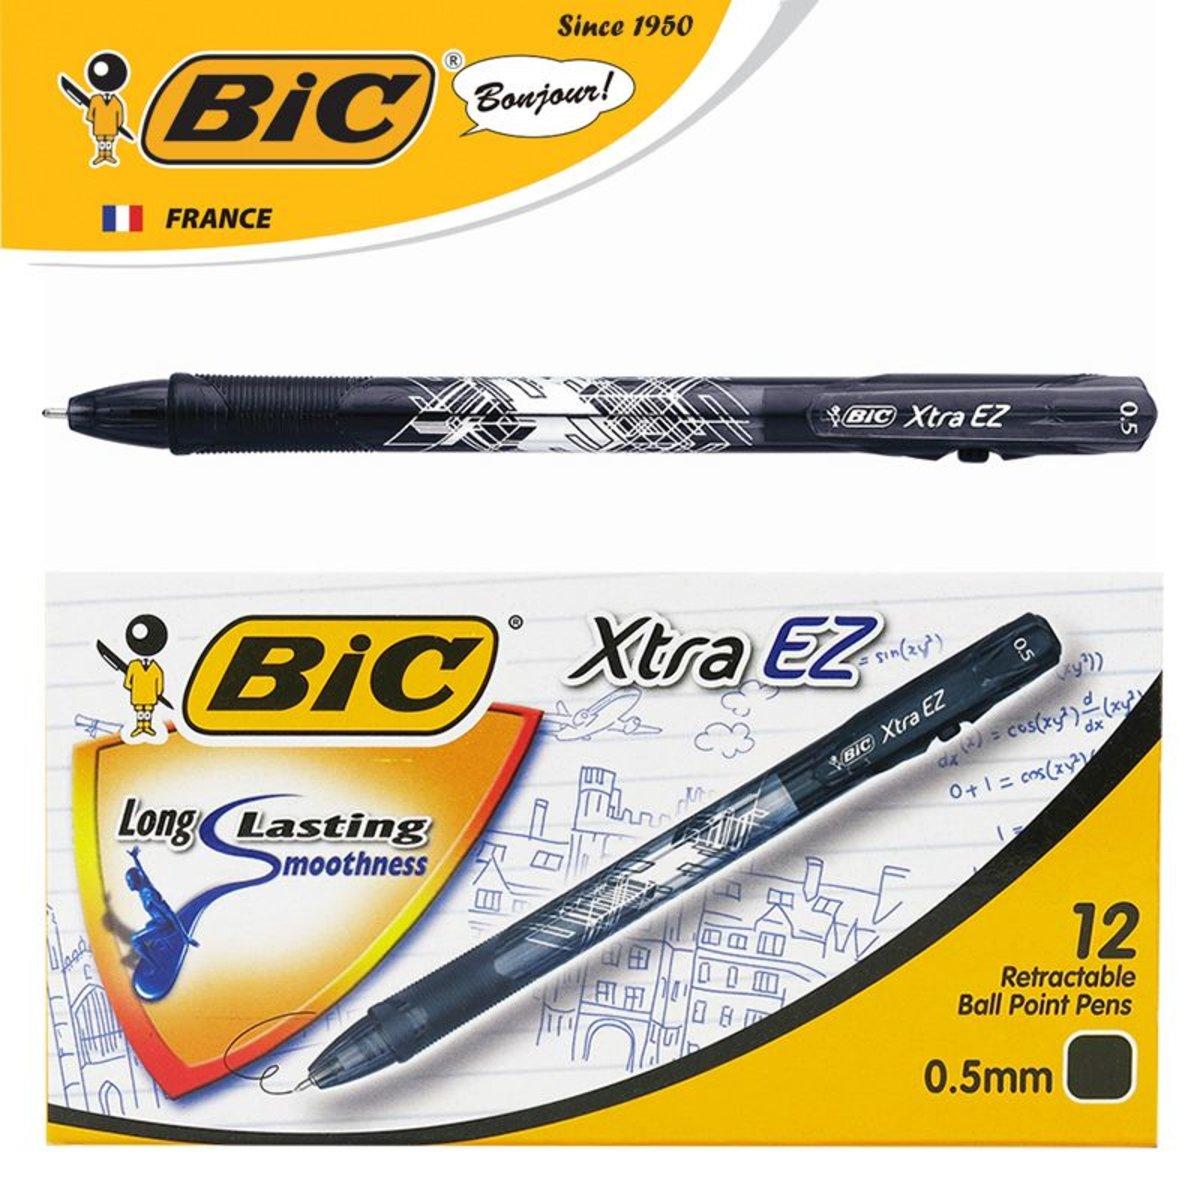 法國BIC Xtra EZ 0.5mm超順滑彩色筆桿按掣式原子筆 - 黑色   12支盒裝